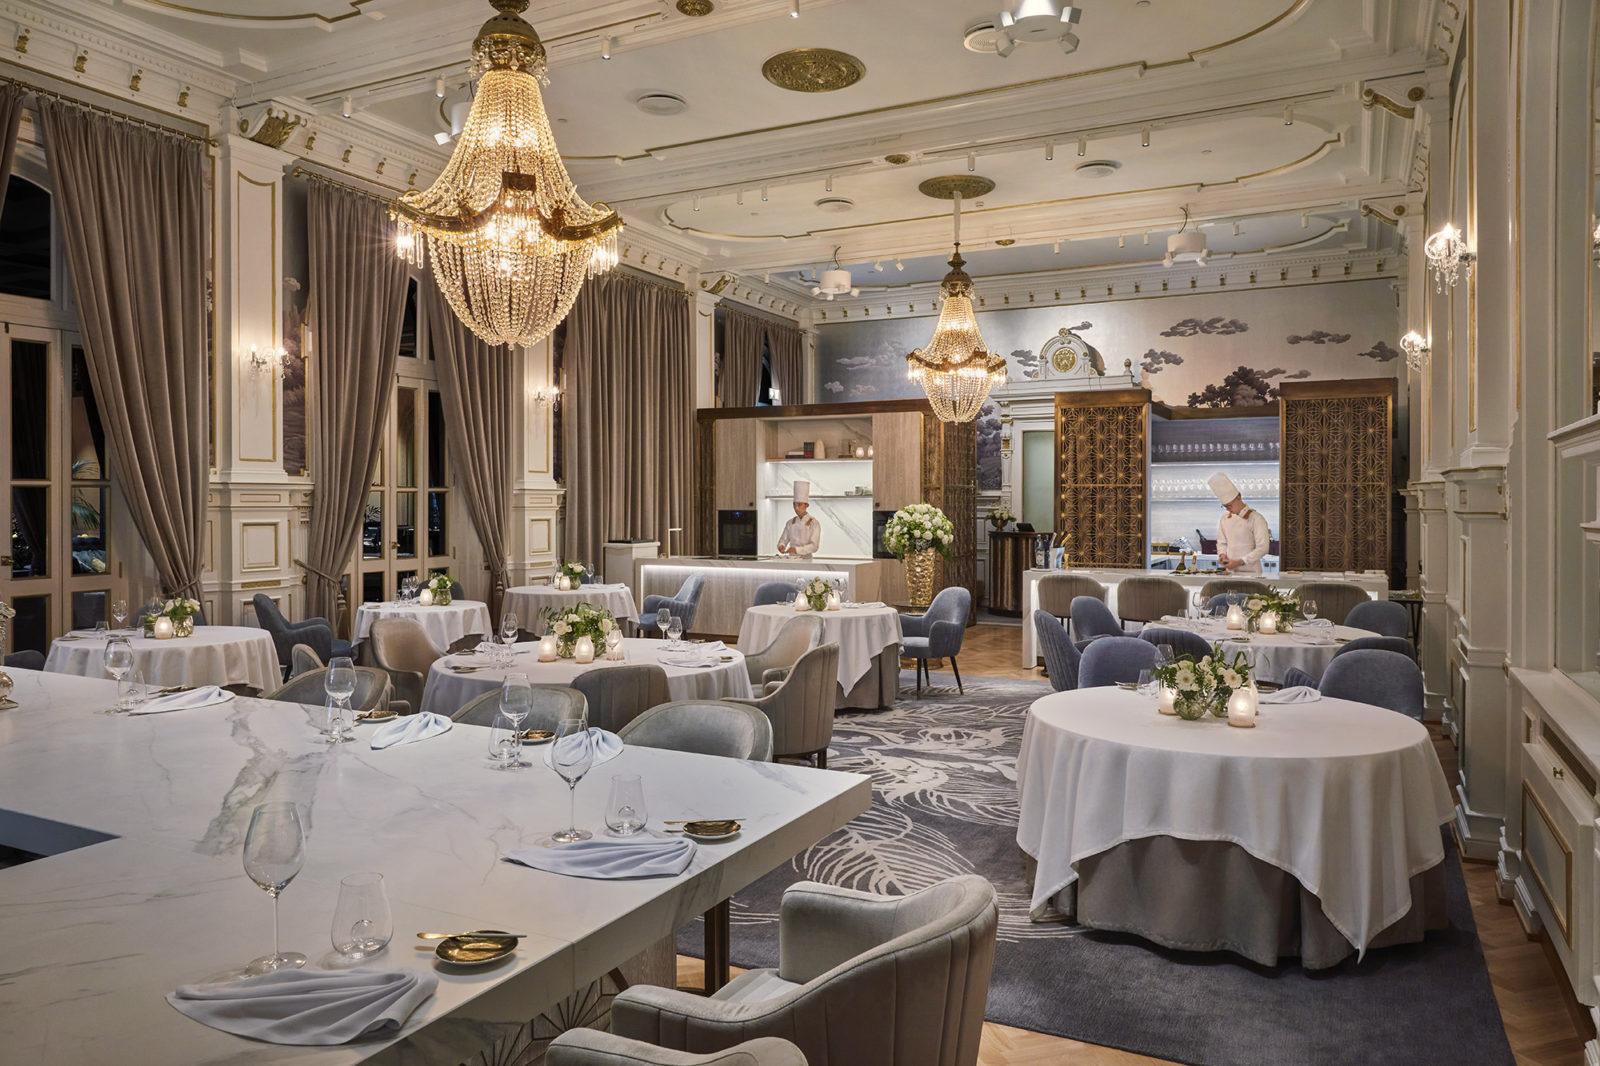 Speilsalen - a Michelin restaurant at Britannia Hotel